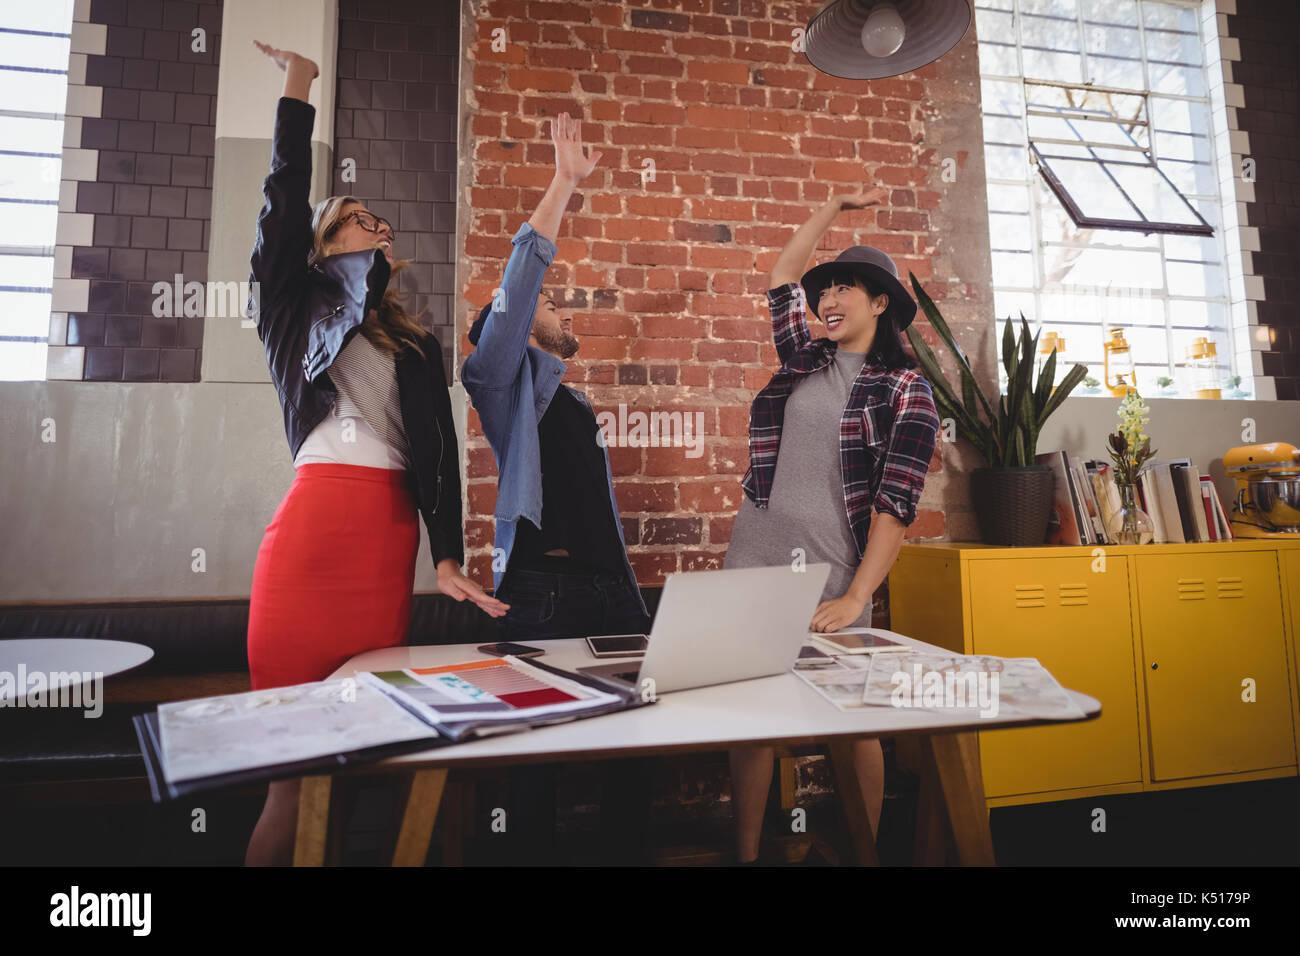 Emocionada joven equipo creativo de pie con los brazos levantados en la cafetería Imagen De Stock